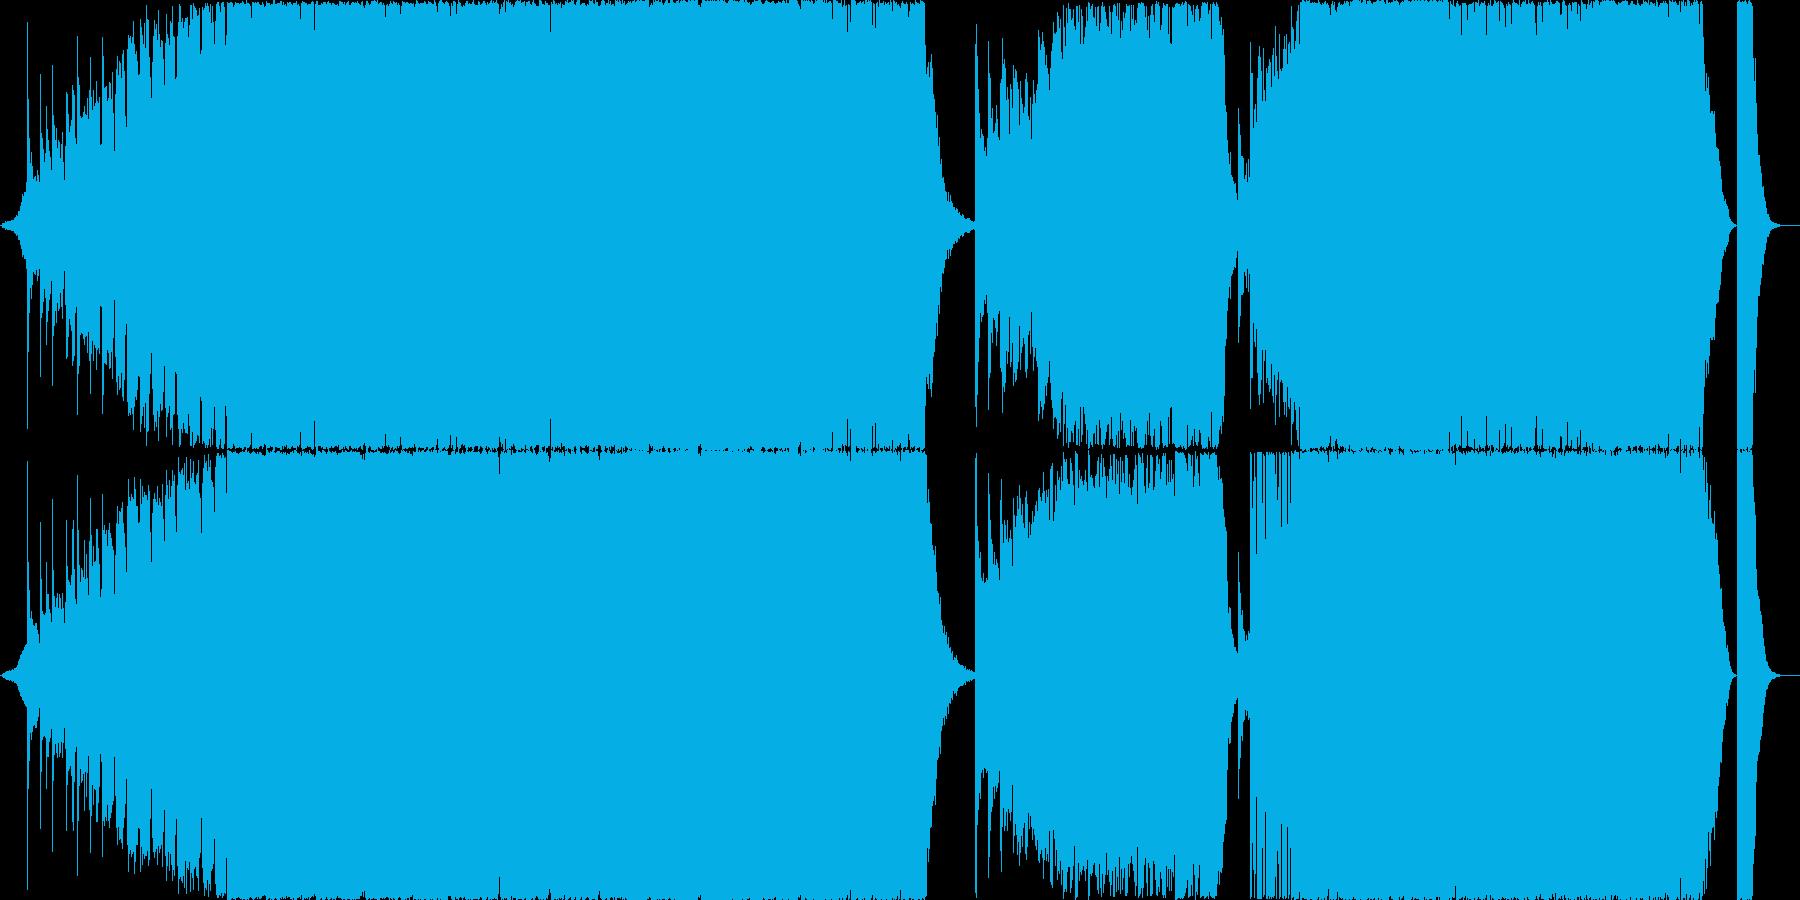 コーラス有パワフルエピックから冒険音楽への再生済みの波形